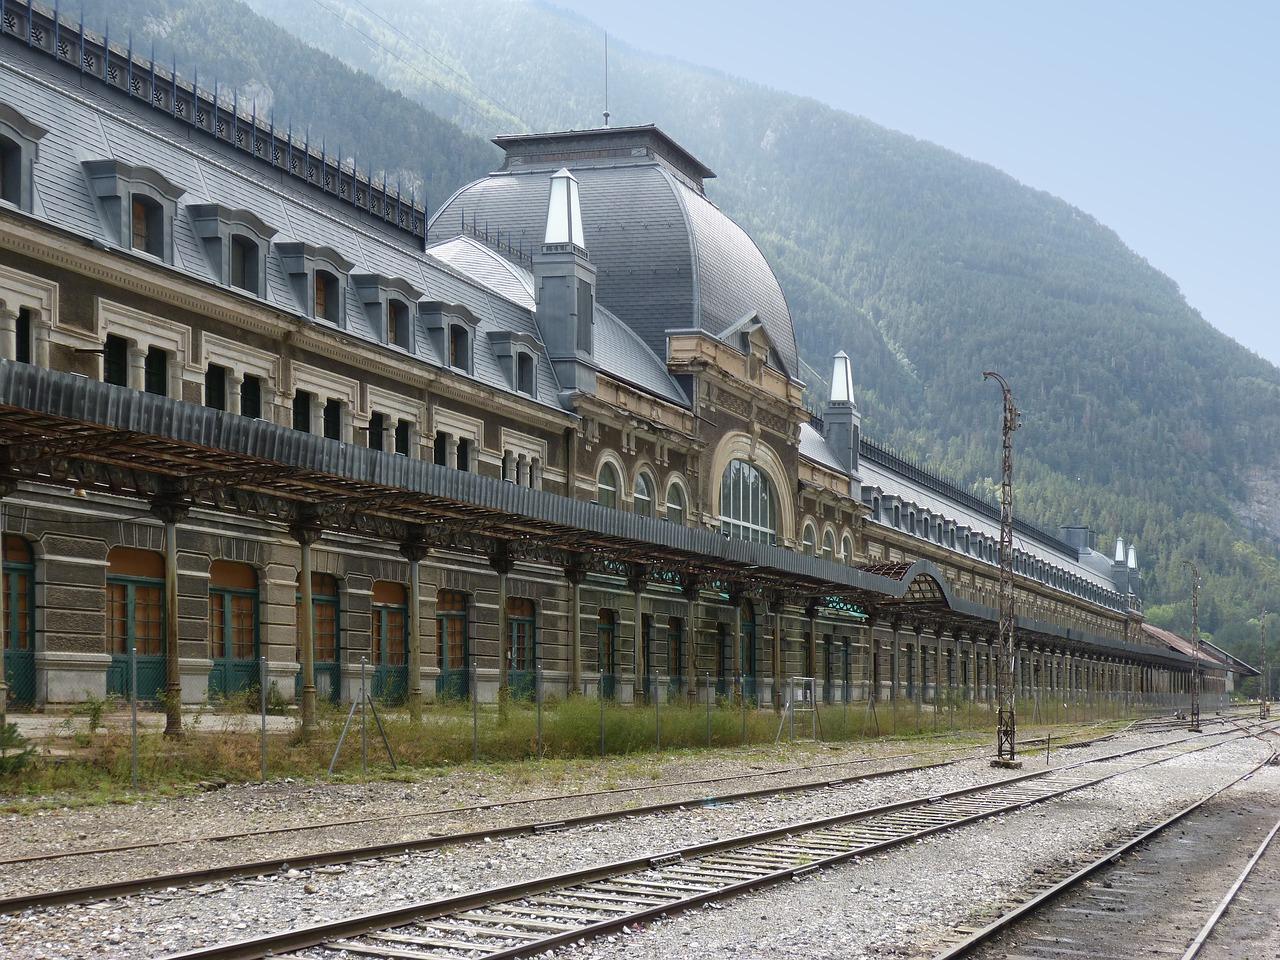 lugares abandonados em estações